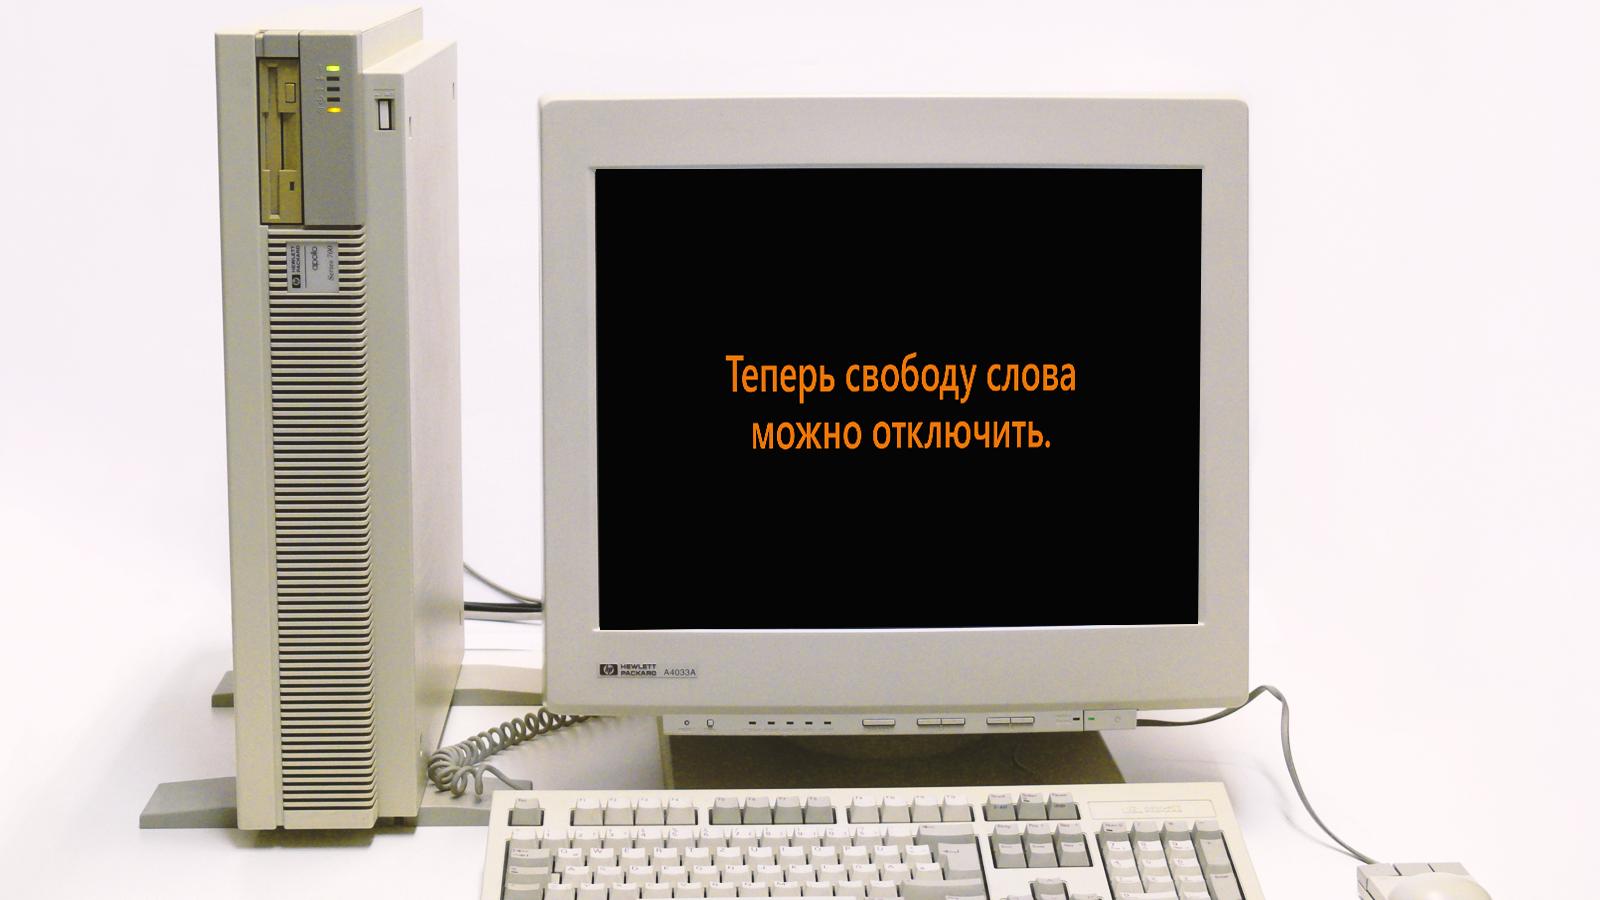 https://habrastorage.org/webt/zo/ru/-o/zoru-oyigjjioalak2lobuzwsl8.png